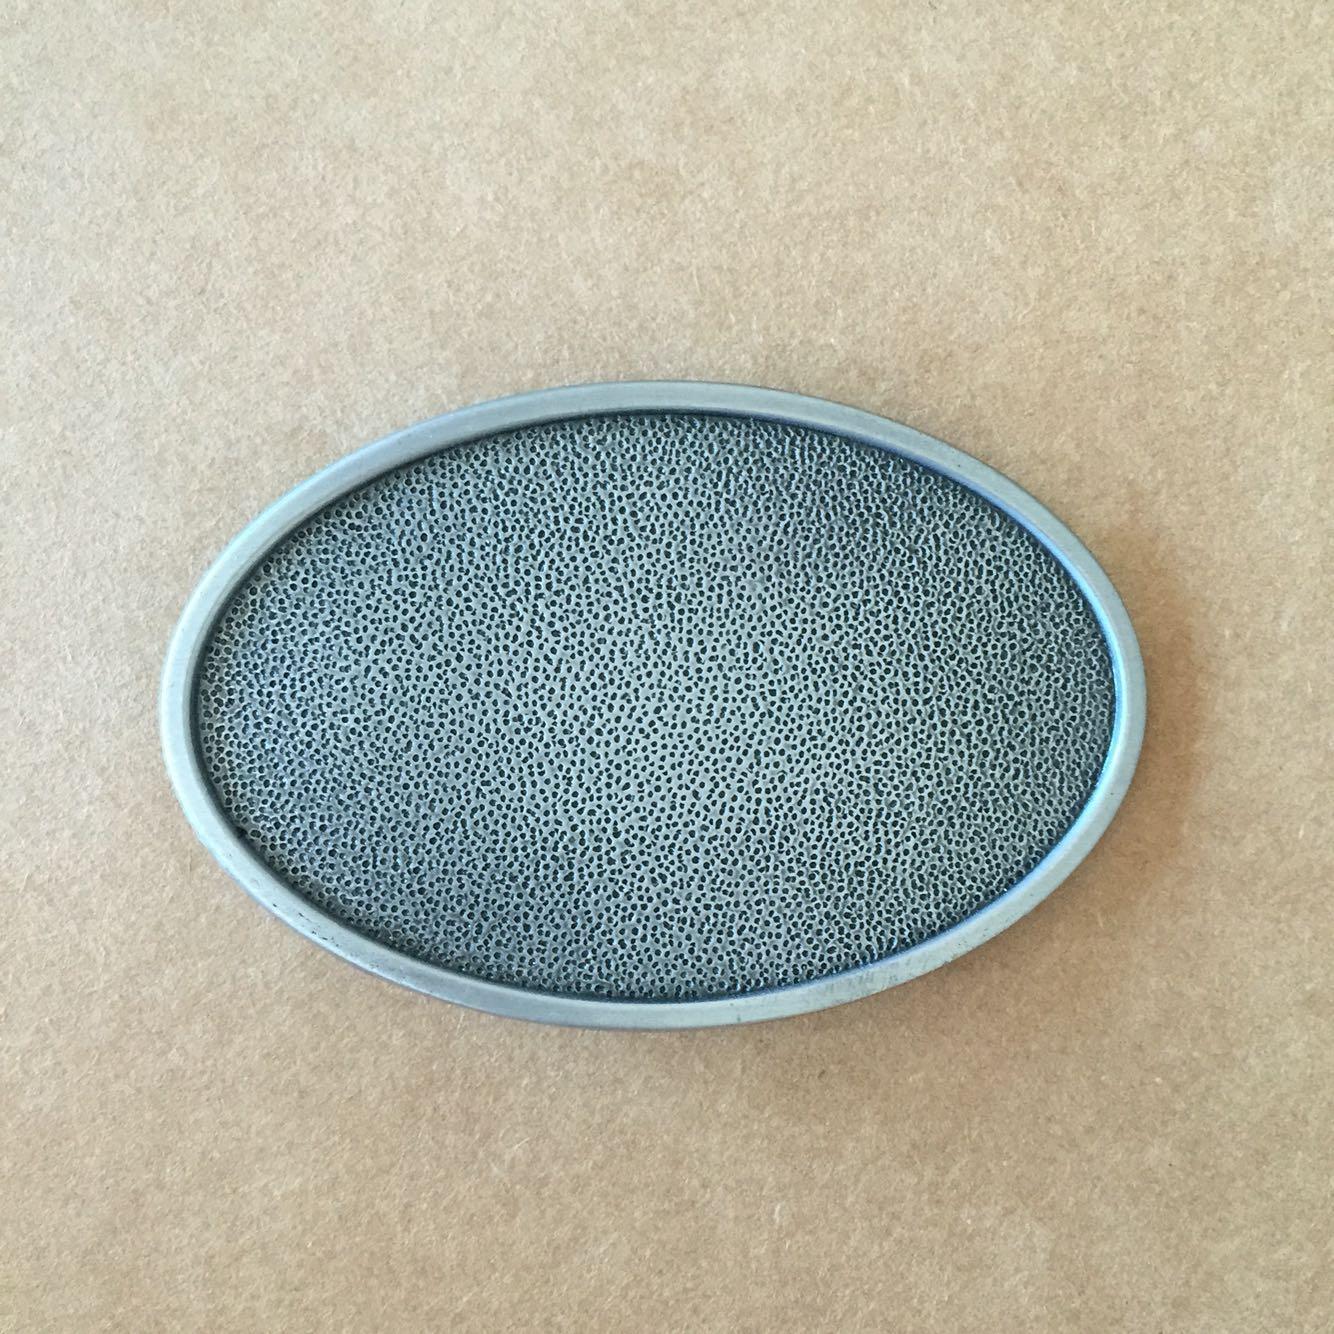 Boucle de ceinture vierge personnalisable ovale chrome - Boucle-de ... a5d217f7af9